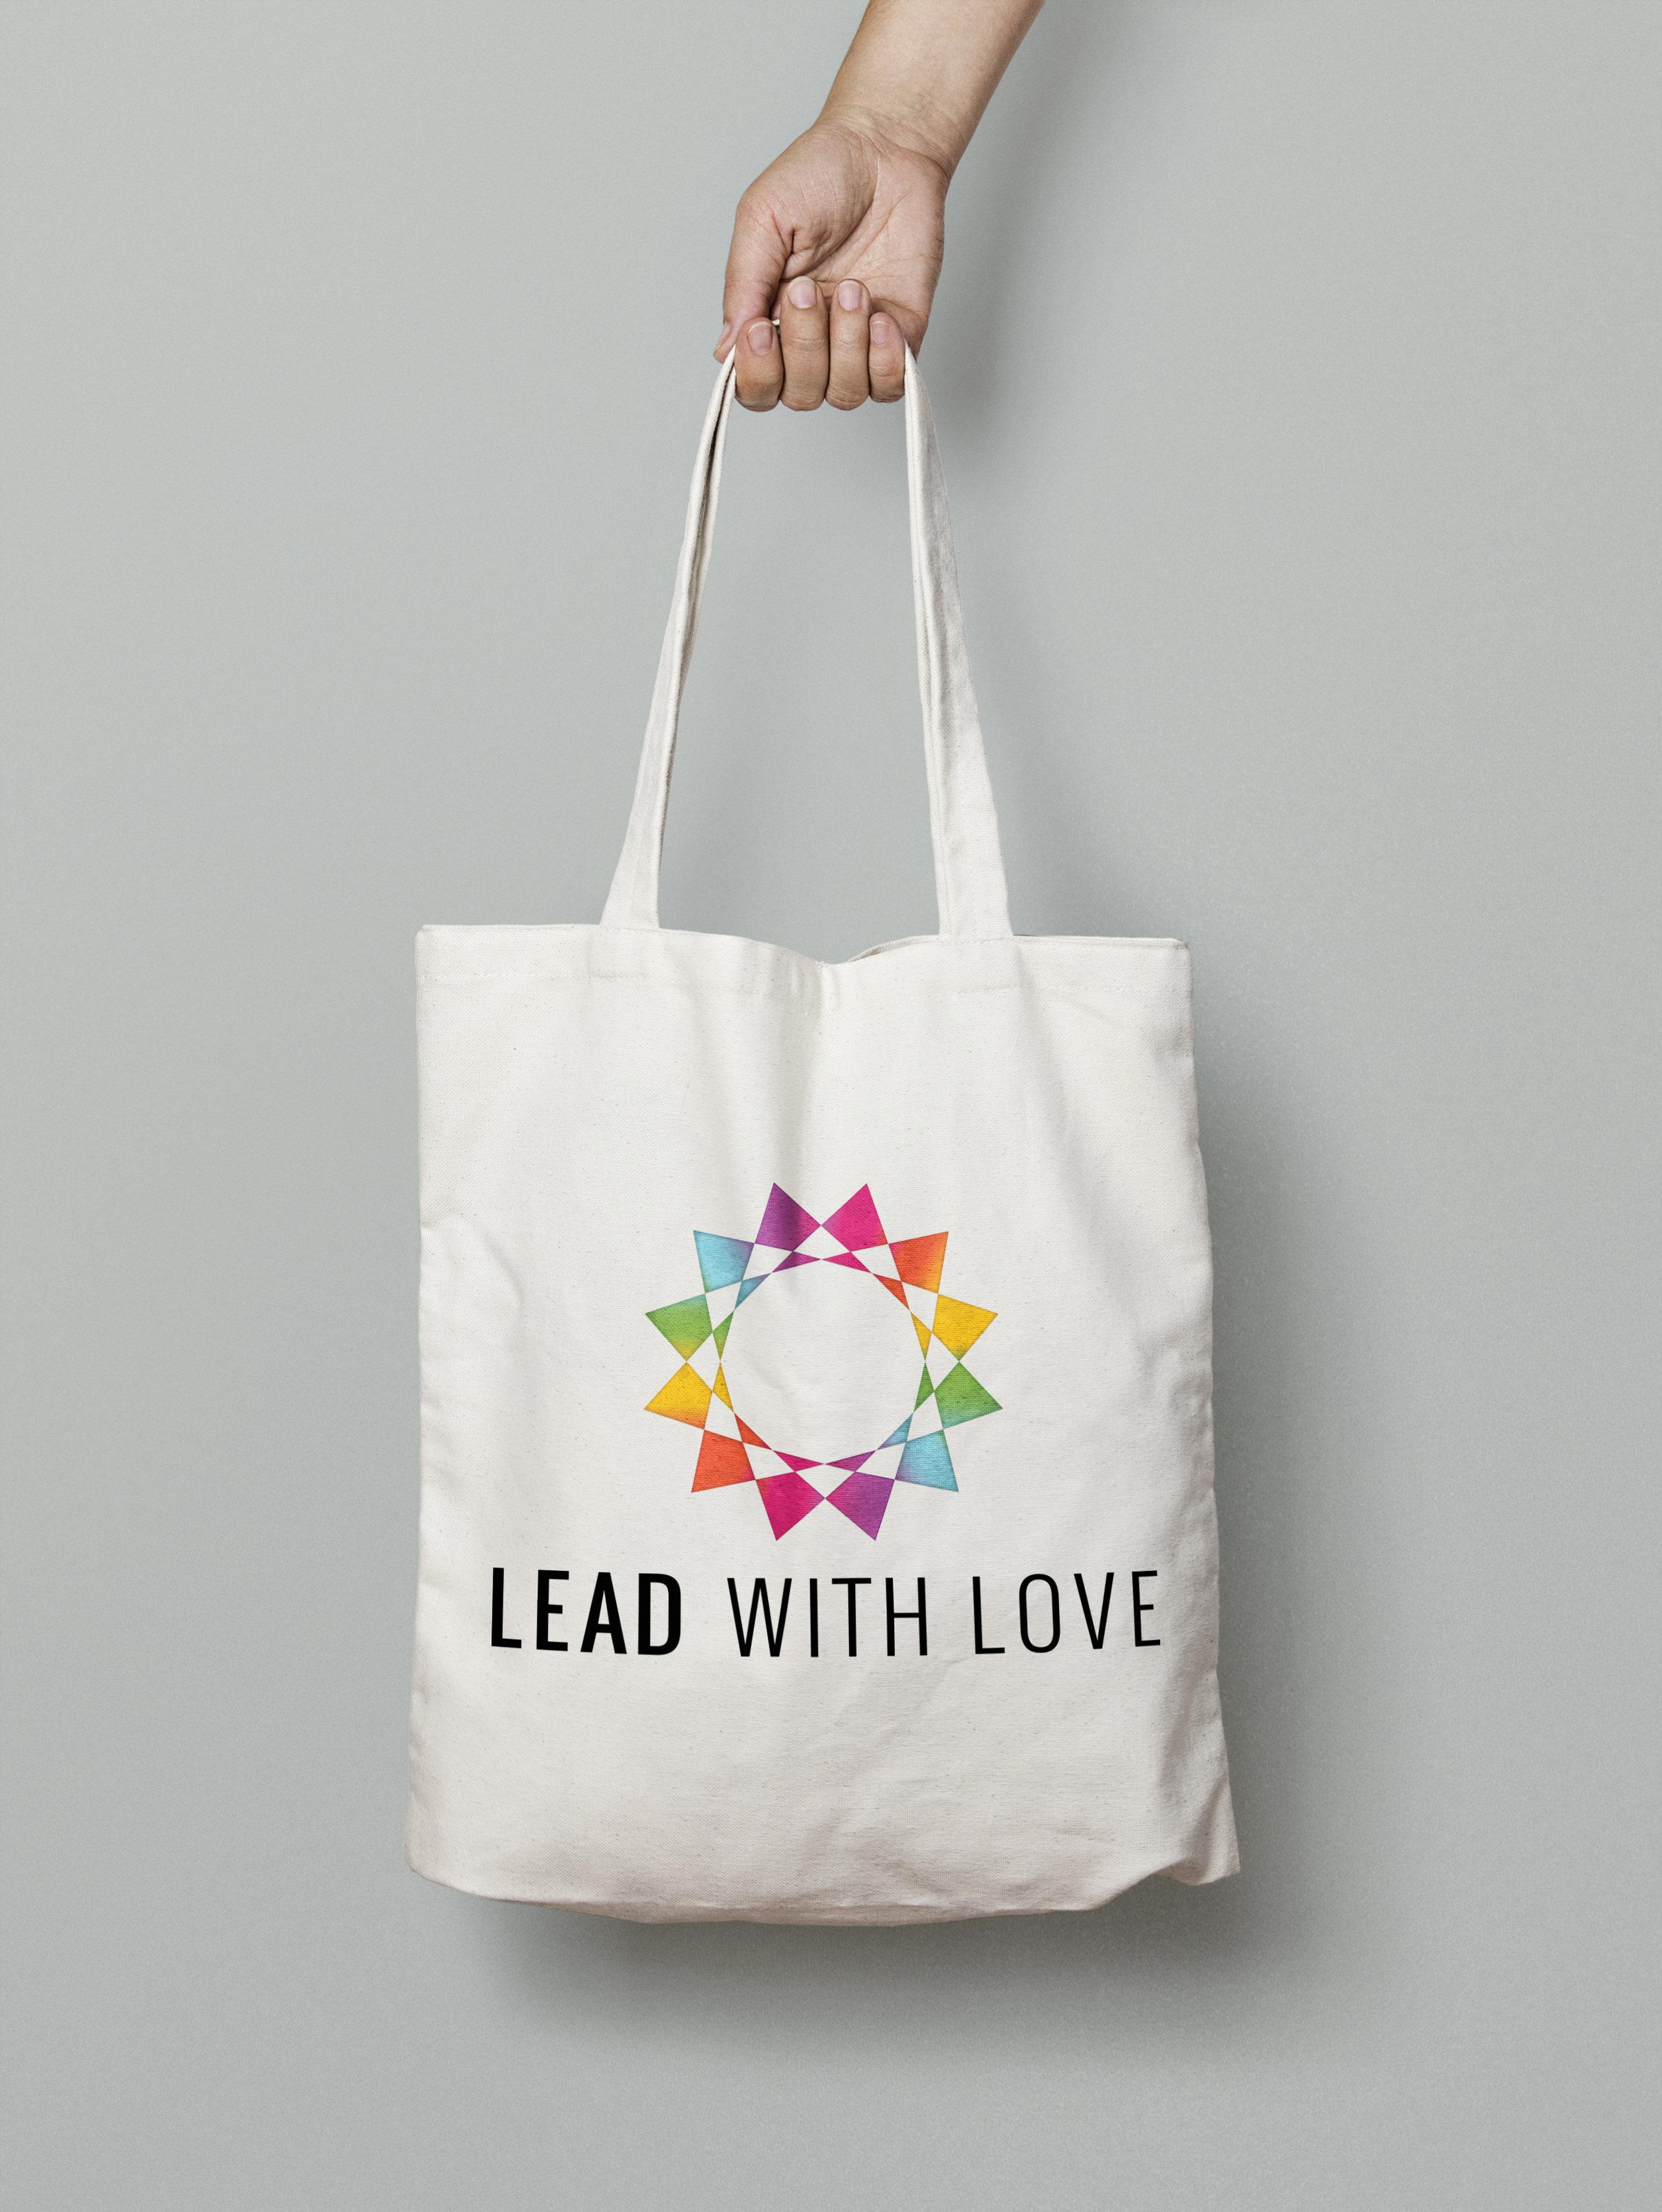 erica simon graphic designer lead with love aspen tote bag